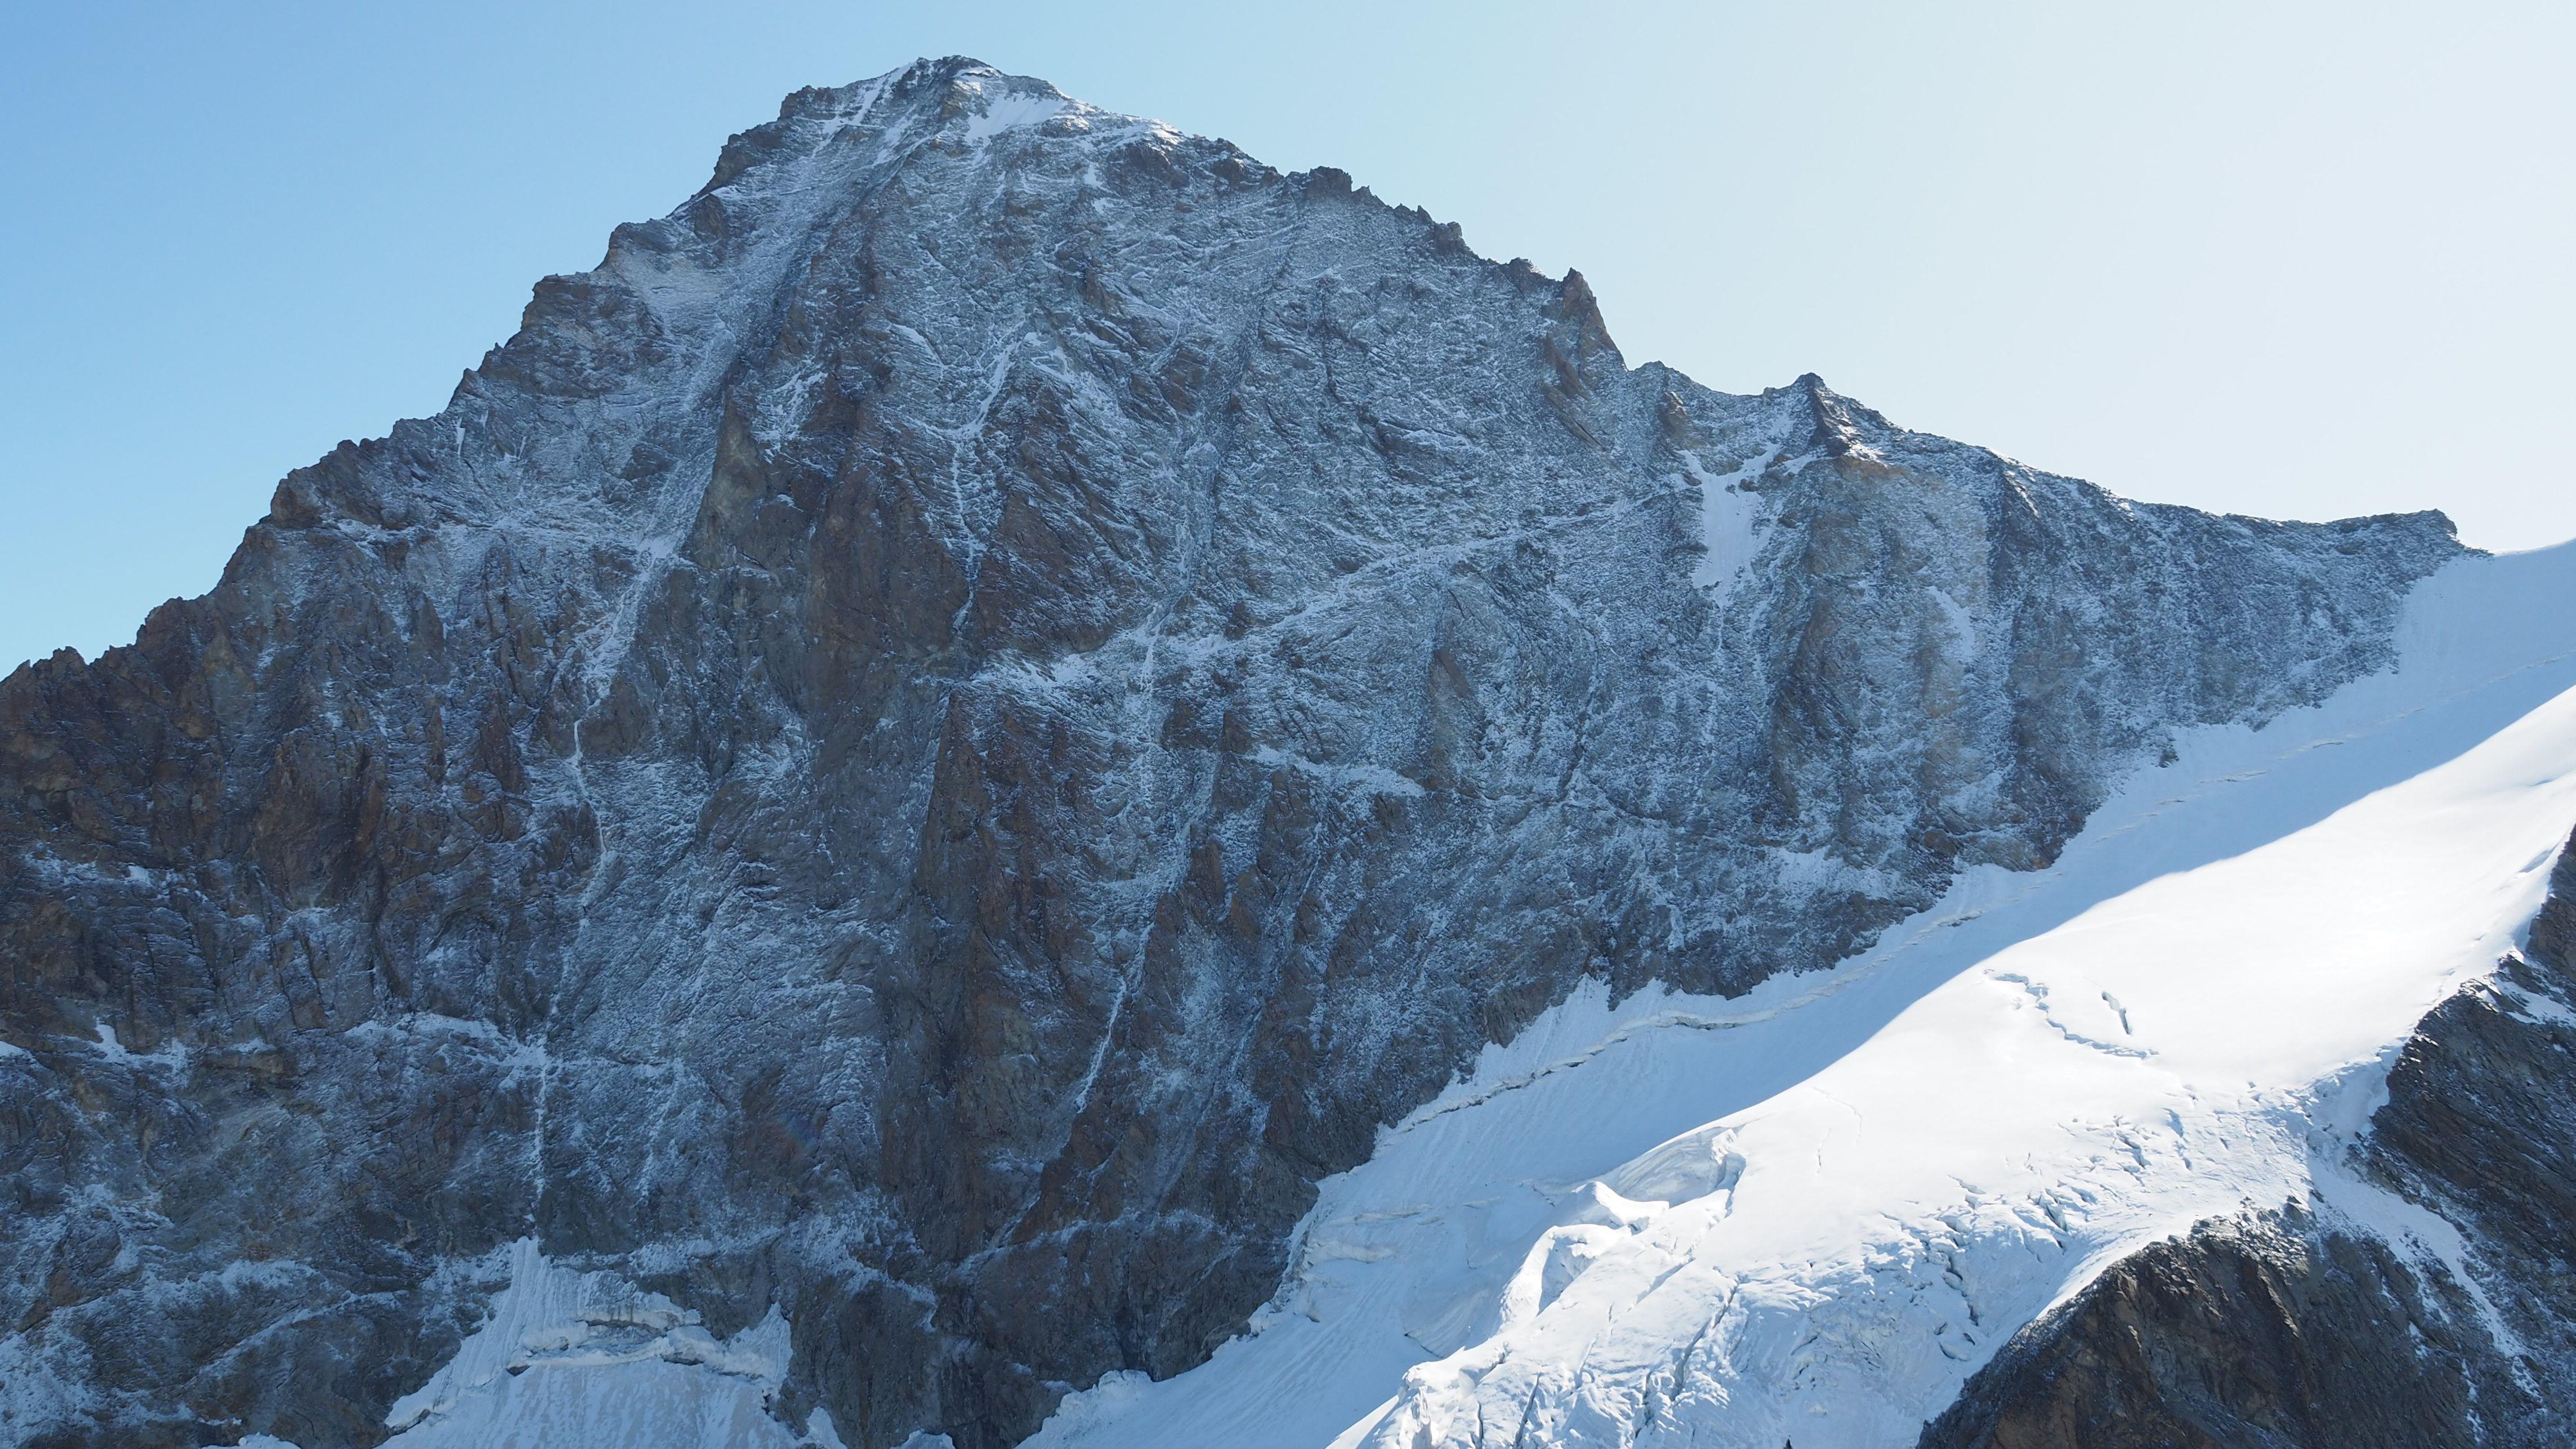 Am Samstag ereignete sich am Dent Blanche, in den Schweizer Alpen, ein tödlicher Bergunfall. Zwei Deutsche kamen ums Leben.